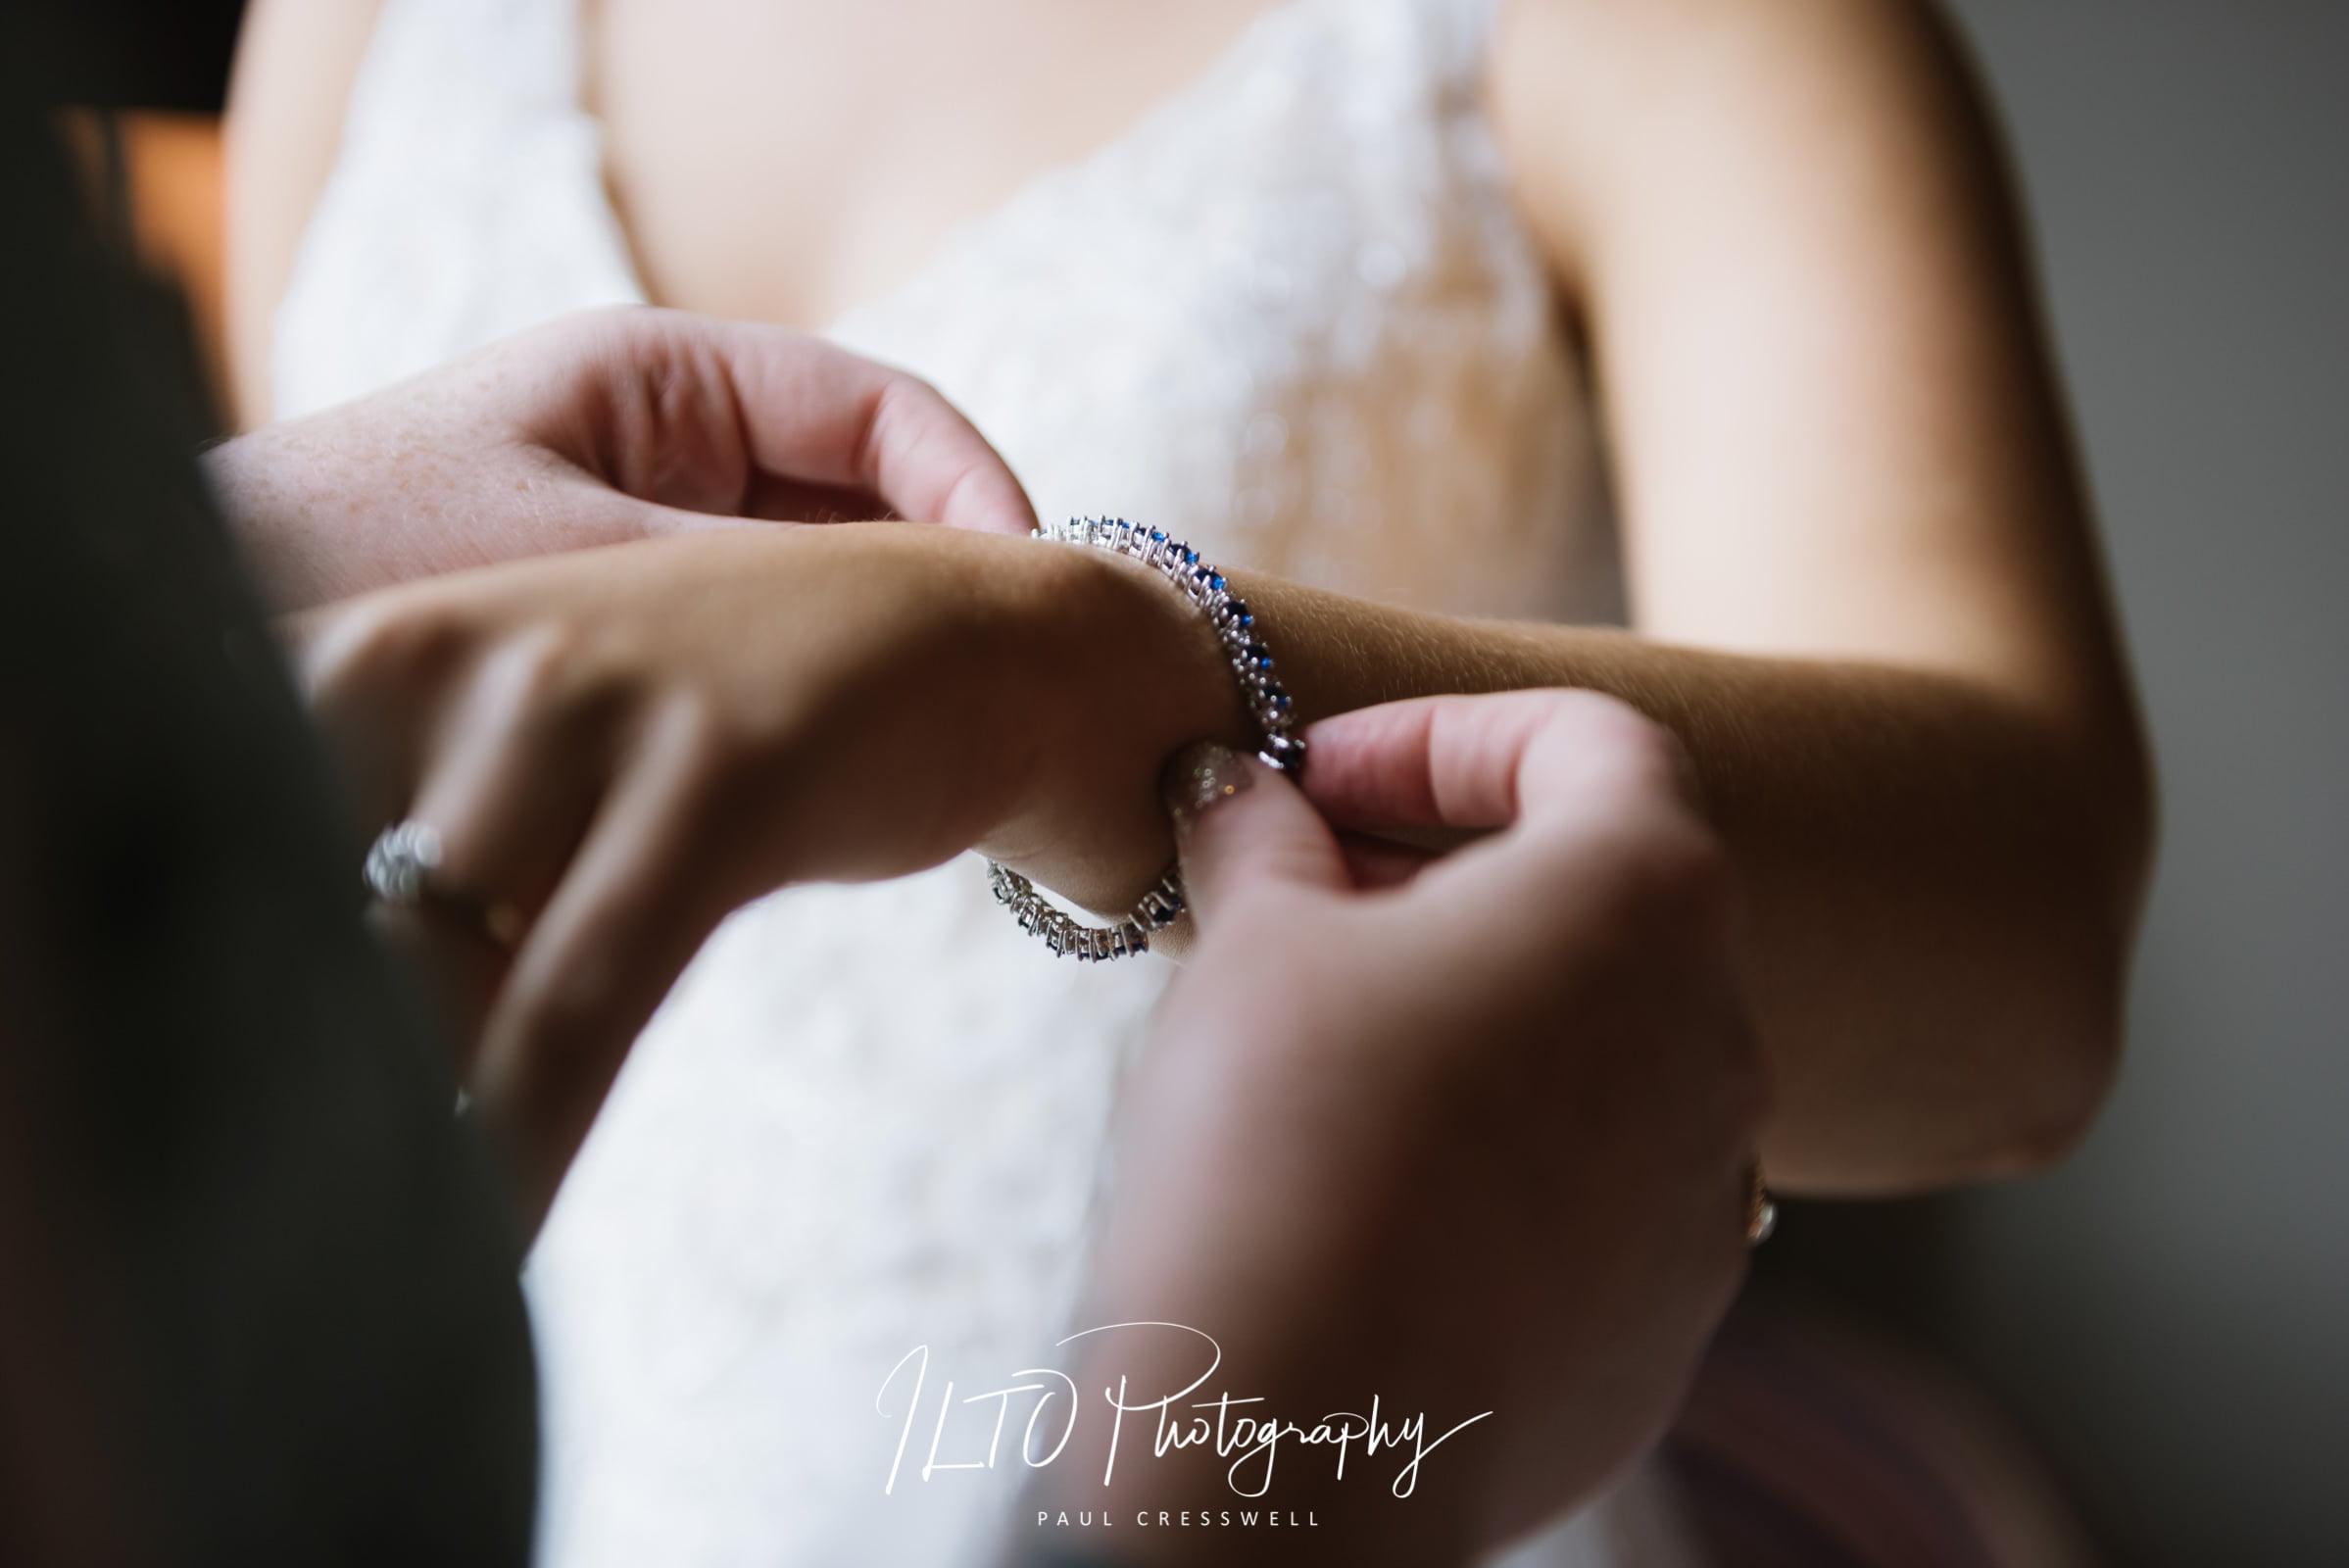 Leeds bride putting on jewellery wedding photo